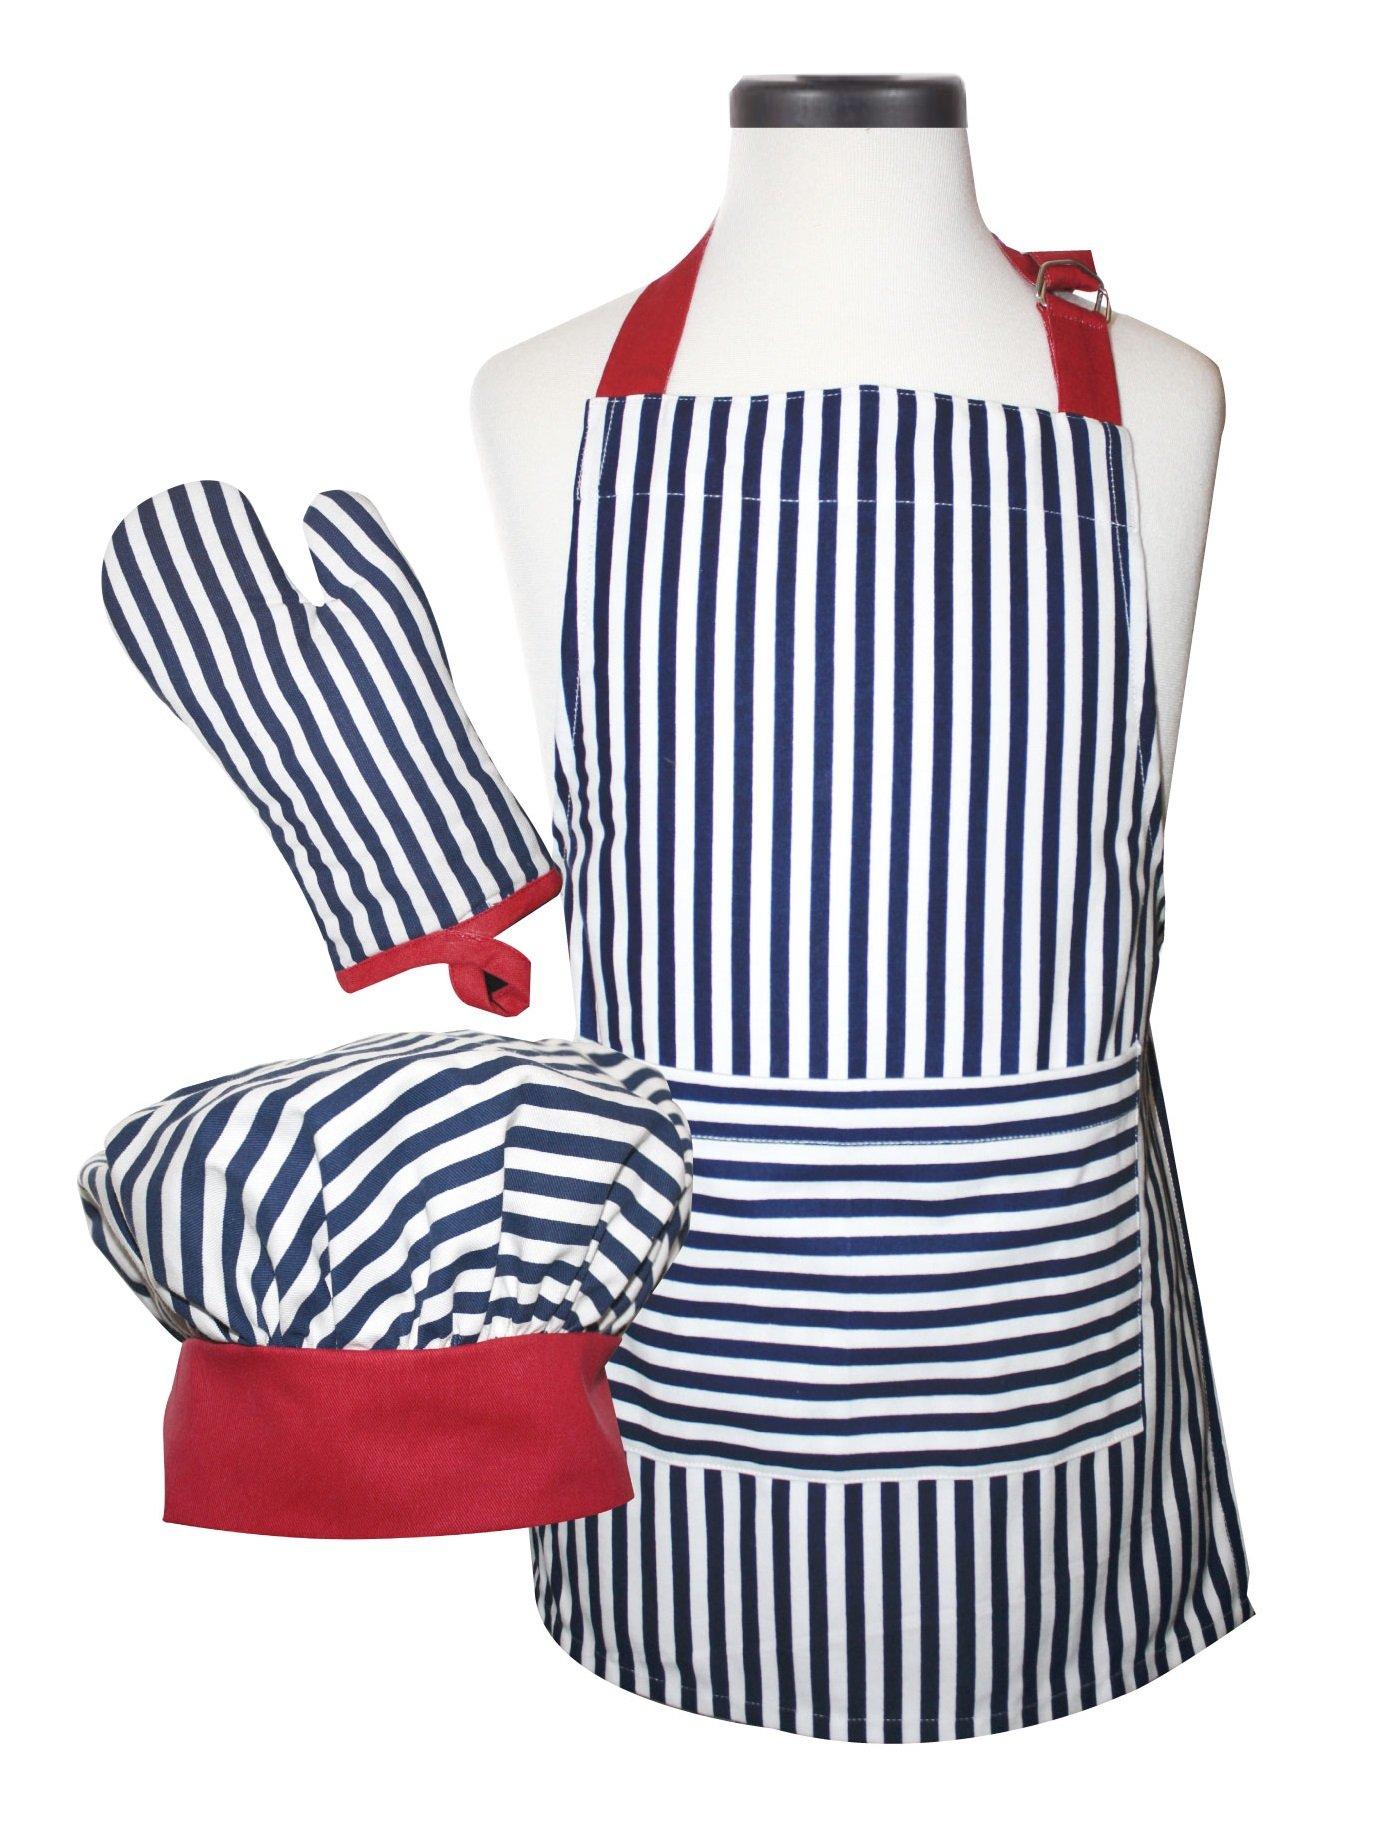 Handstand Kitchen Child's Bold Navy Stripe 100% Cotton Apron, Mitt and Chef's Hat Gift Set